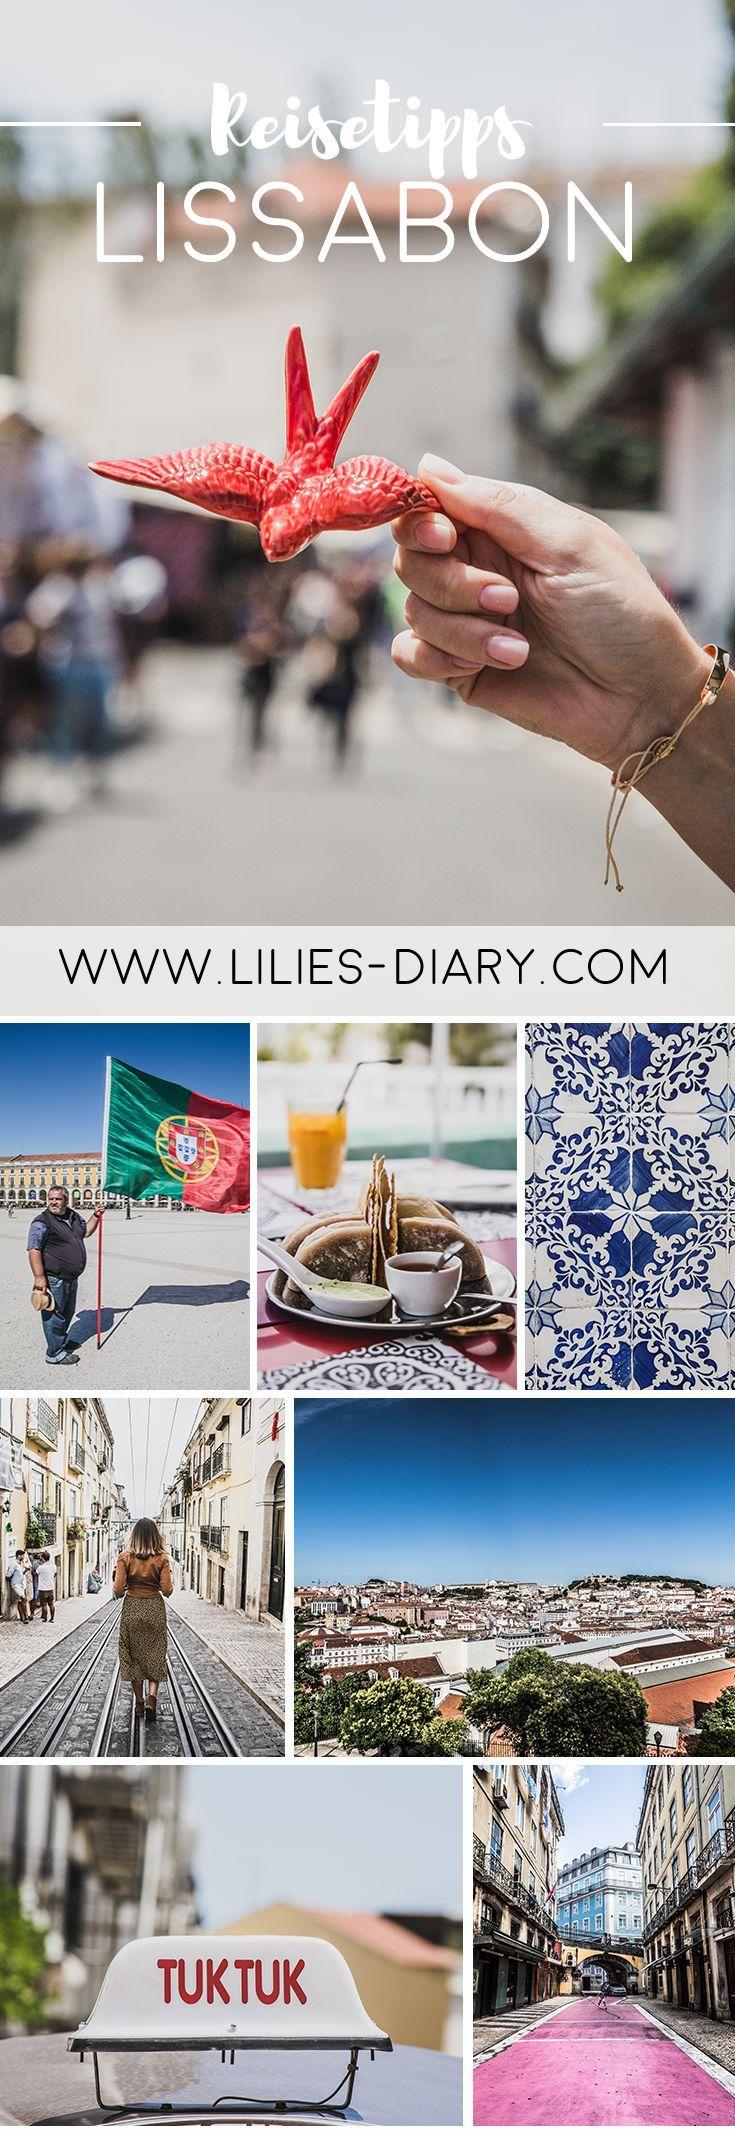 Ein Wochenende in Lissabon – auf der Sonnenseite des Lebens